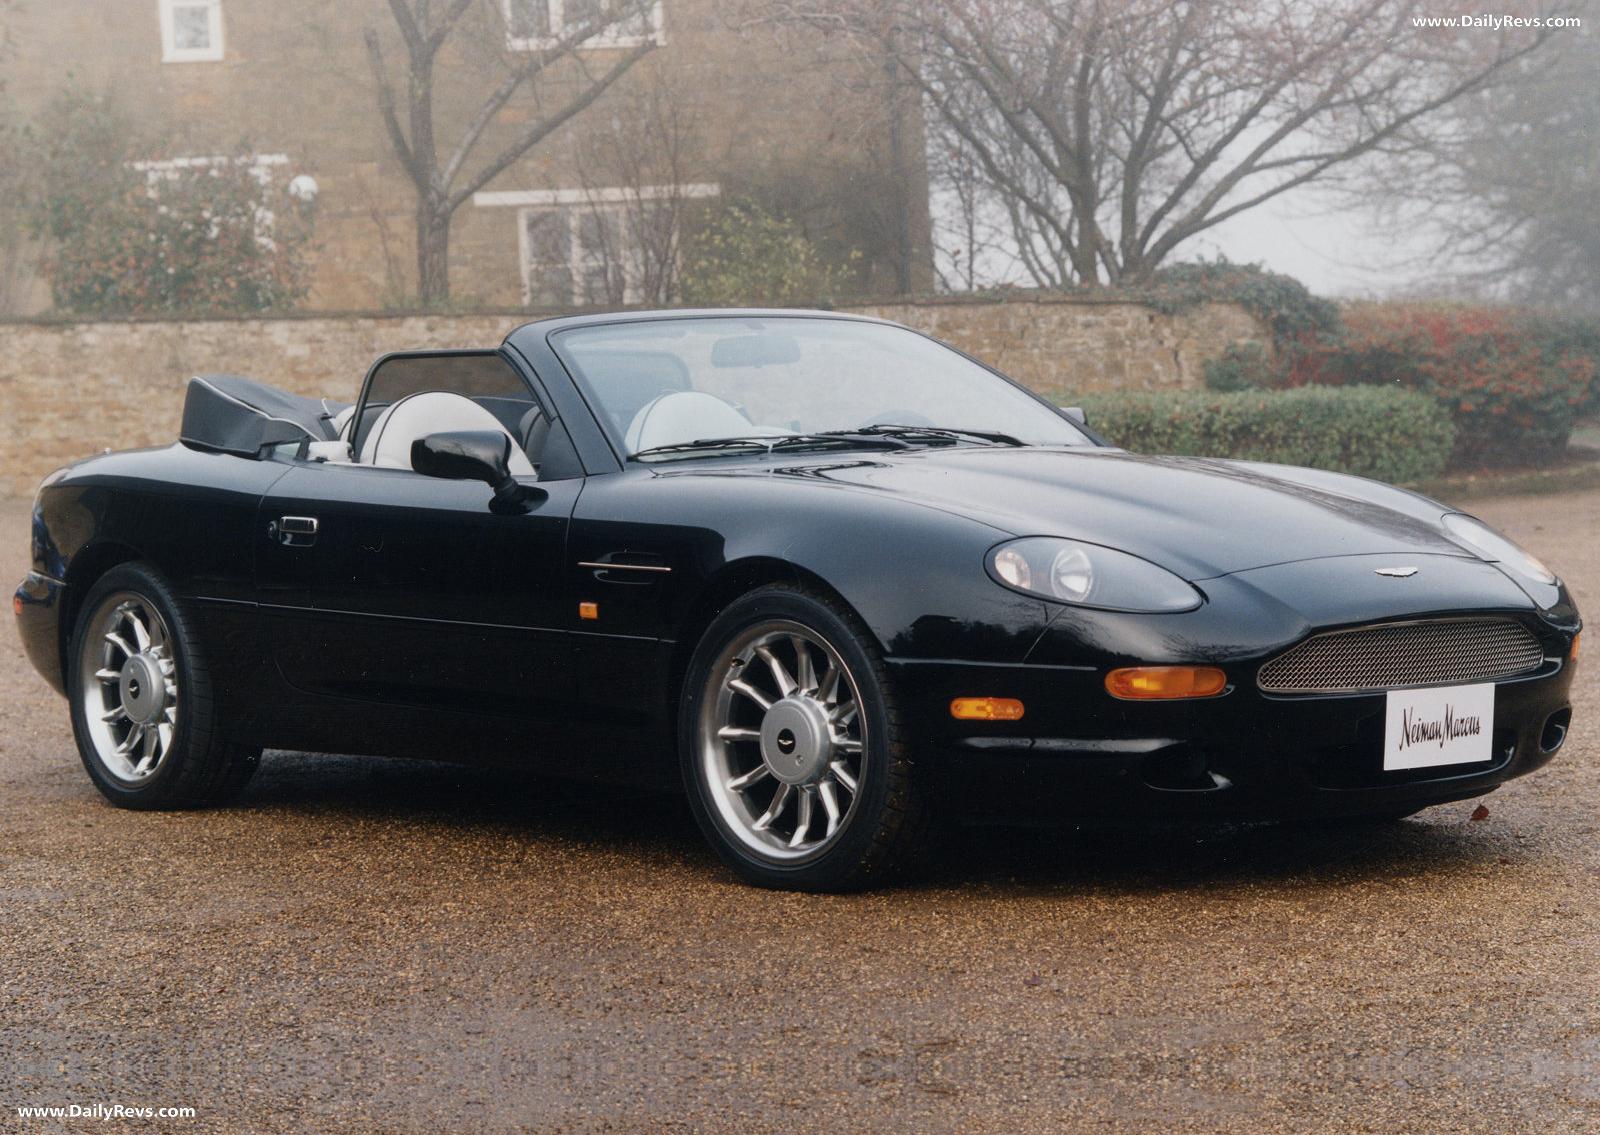 1997 Aston Martin Db7 Volante Dailyrevs